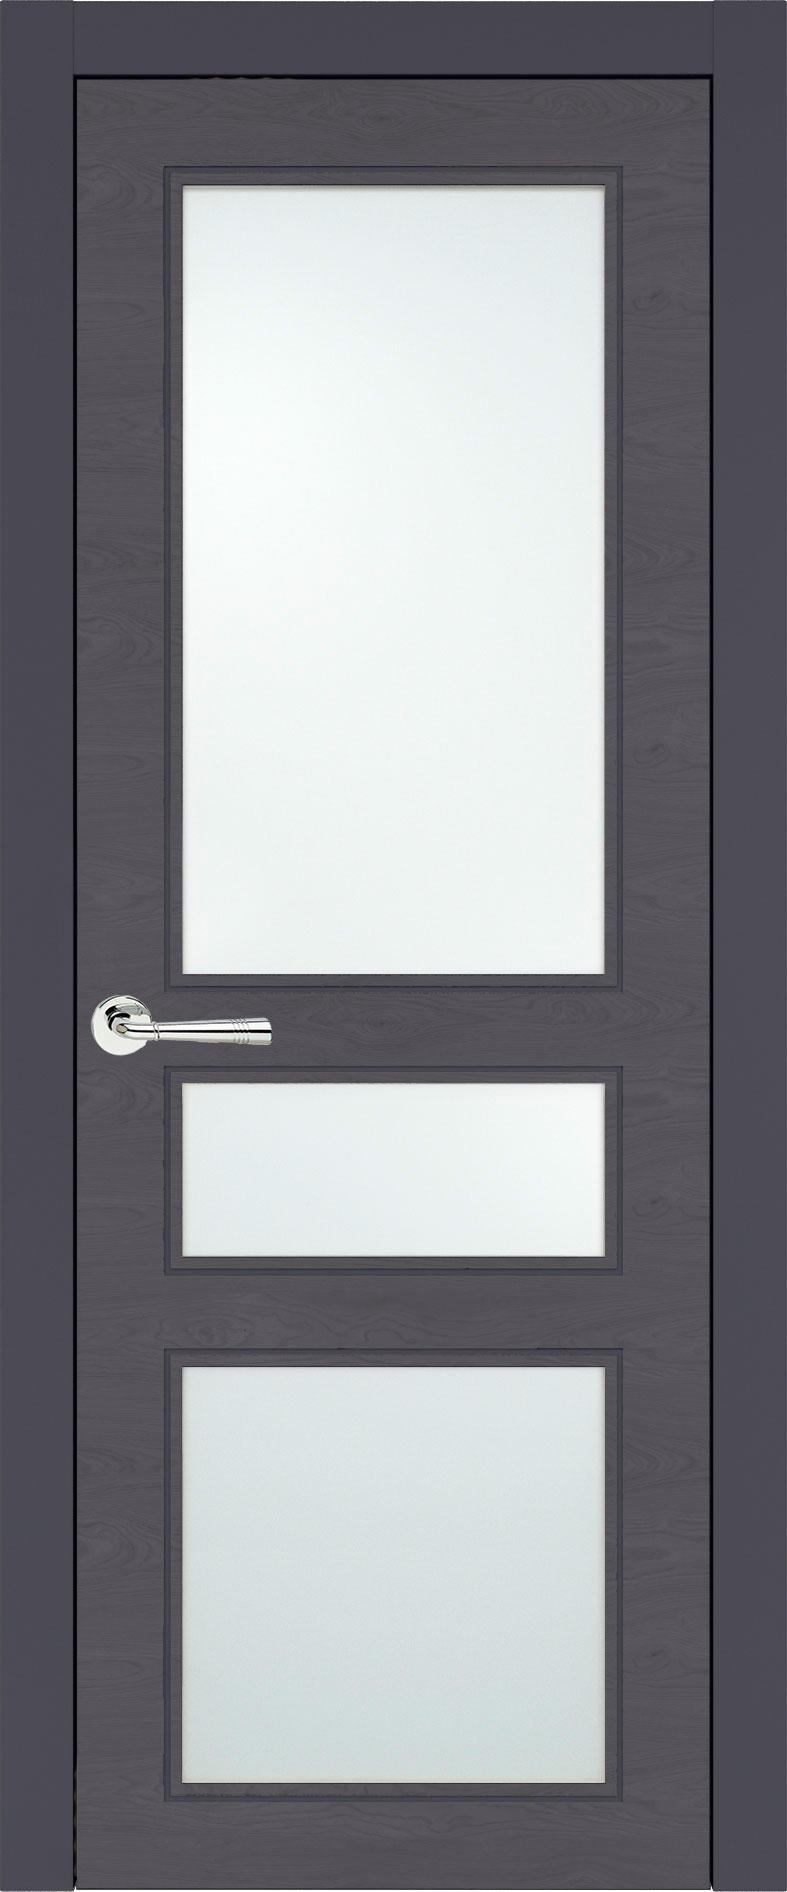 Imperia-R Neo Classic цвет - Графитово-серая эмаль по шпону (RAL 7024) Со стеклом (ДО)